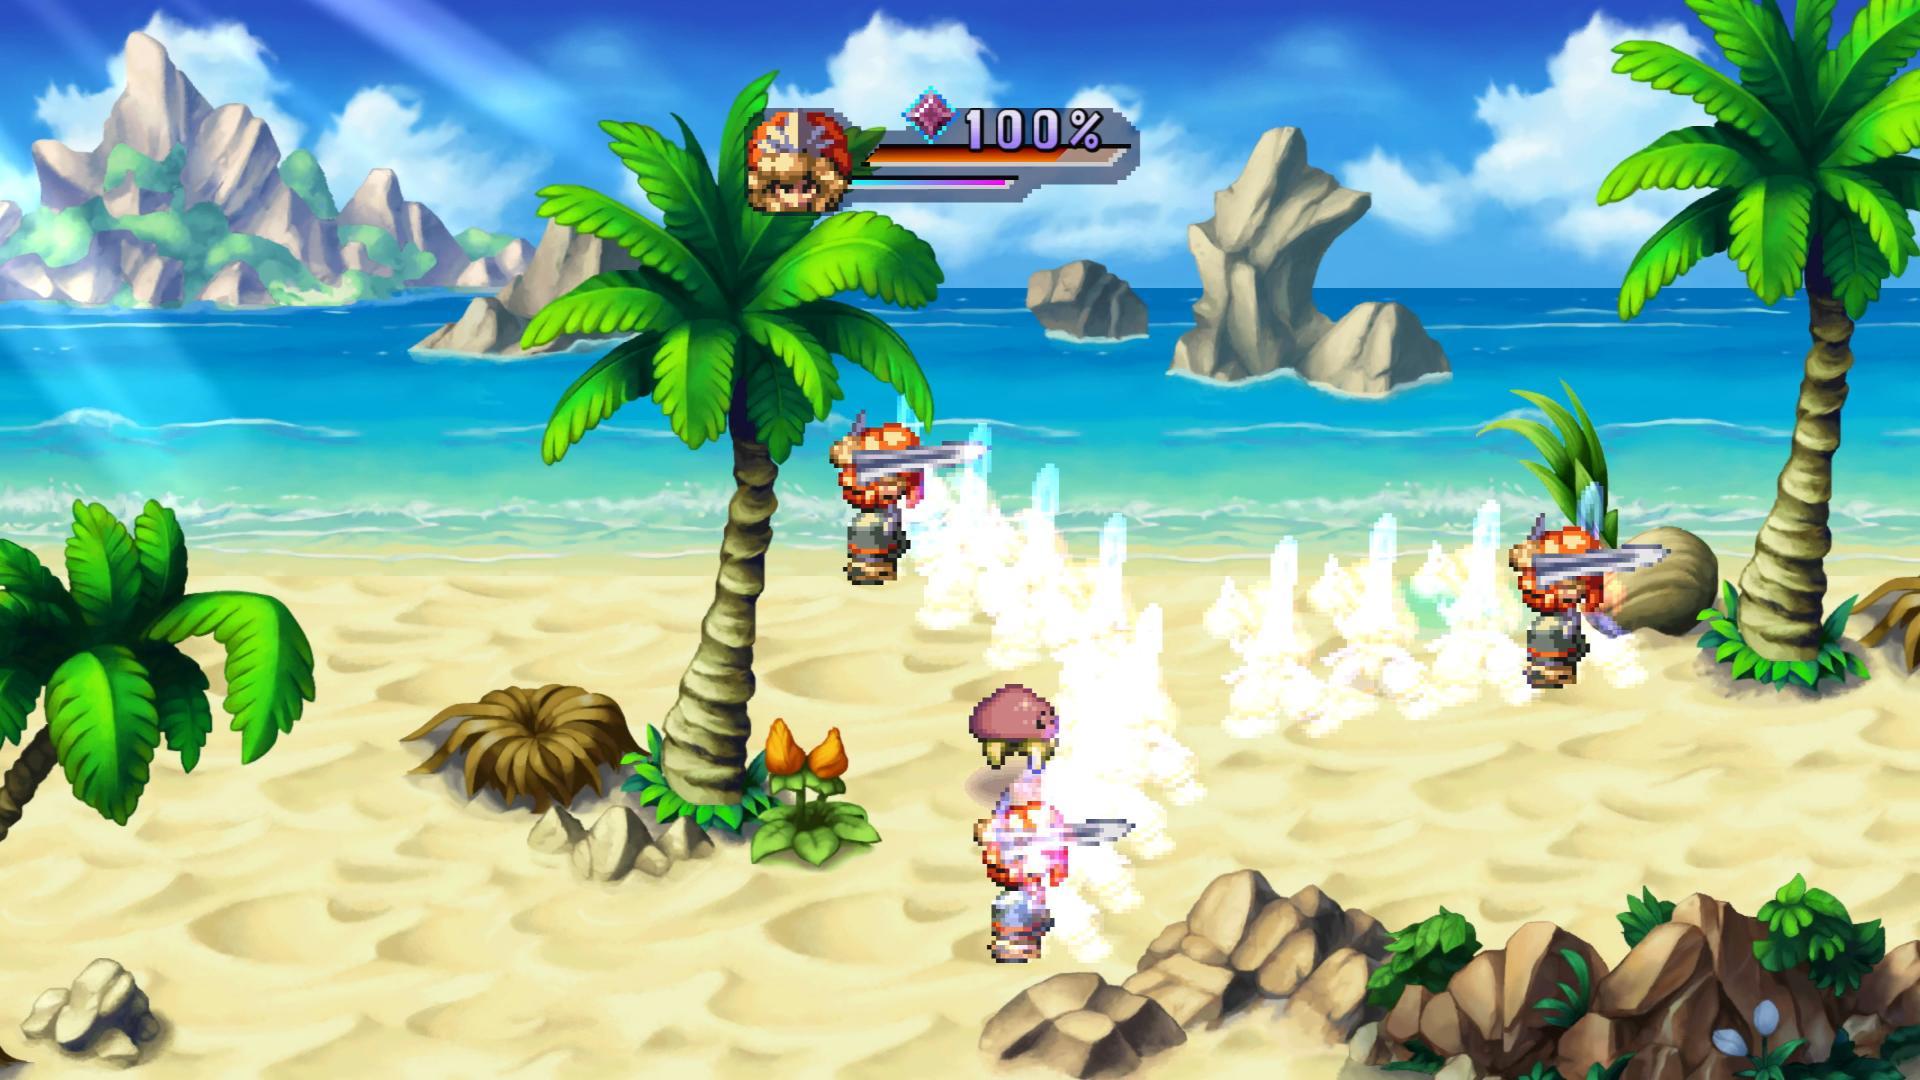 Legend-of-Mana-Remaster-18.jpg?ssl=1